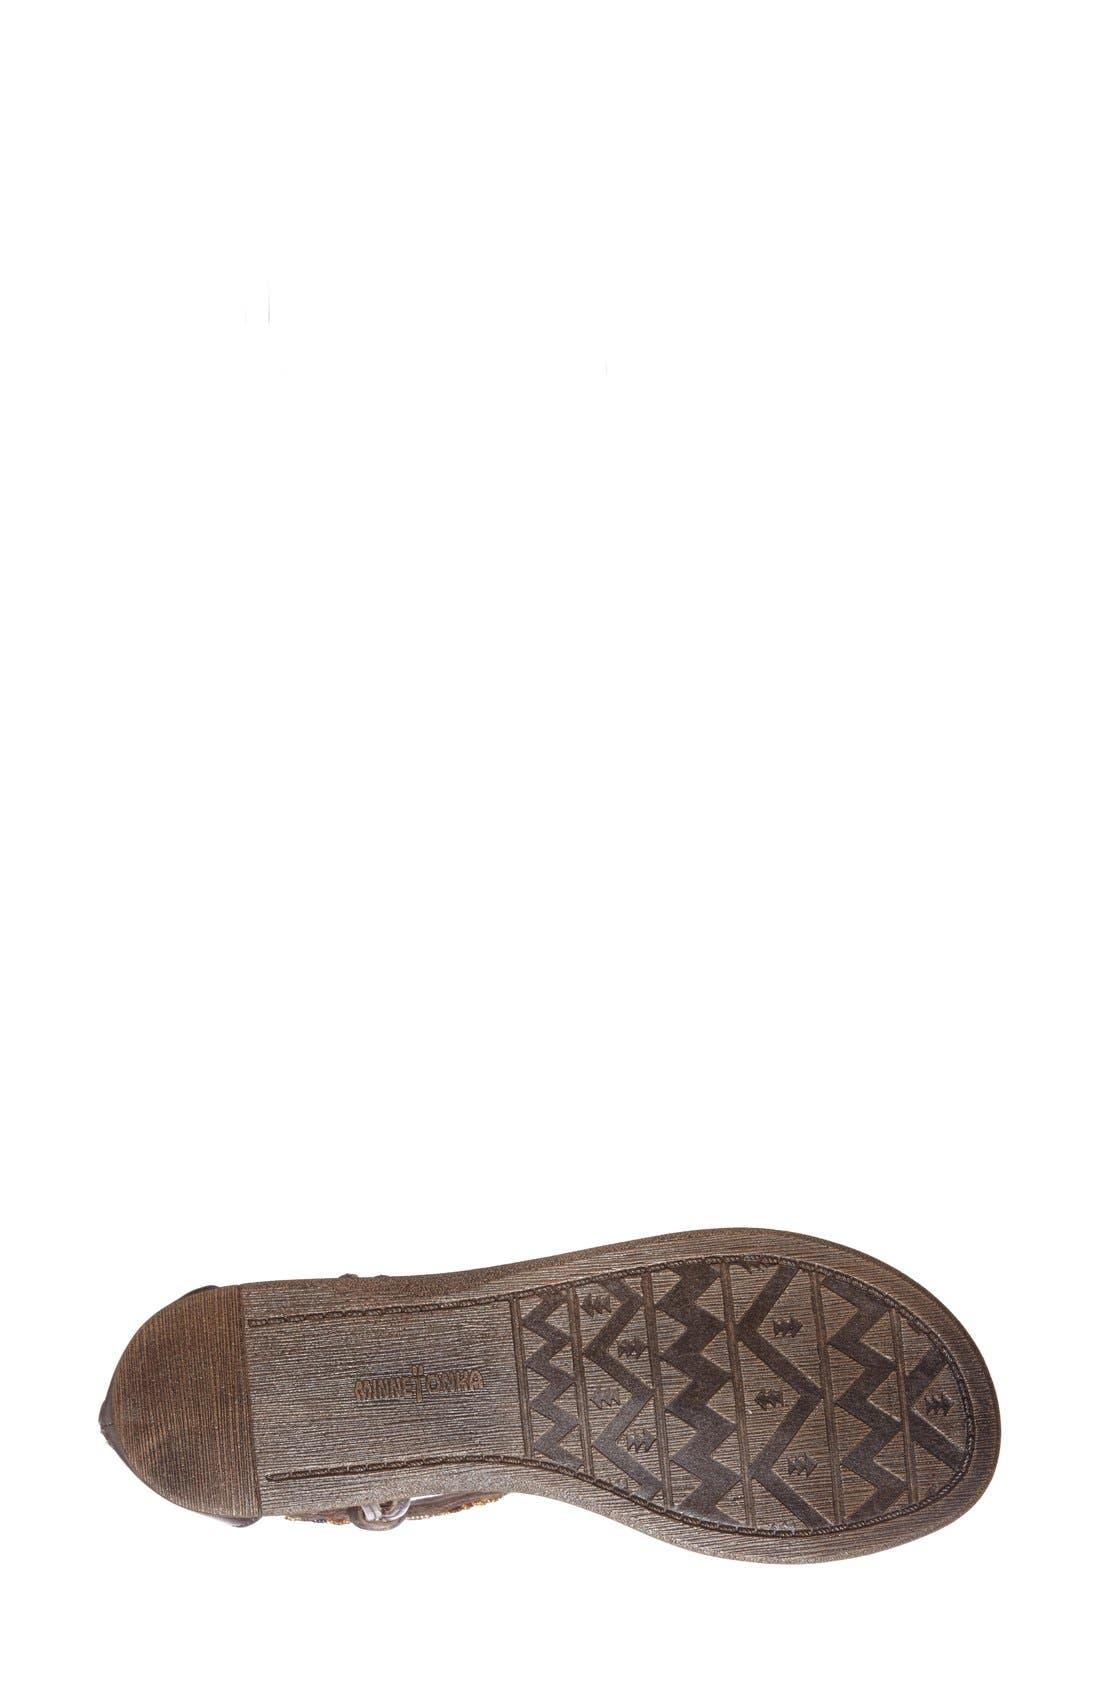 Alternate Image 4  - Minnetonka 'Antigua' Beaded Thong Sandal (Women)